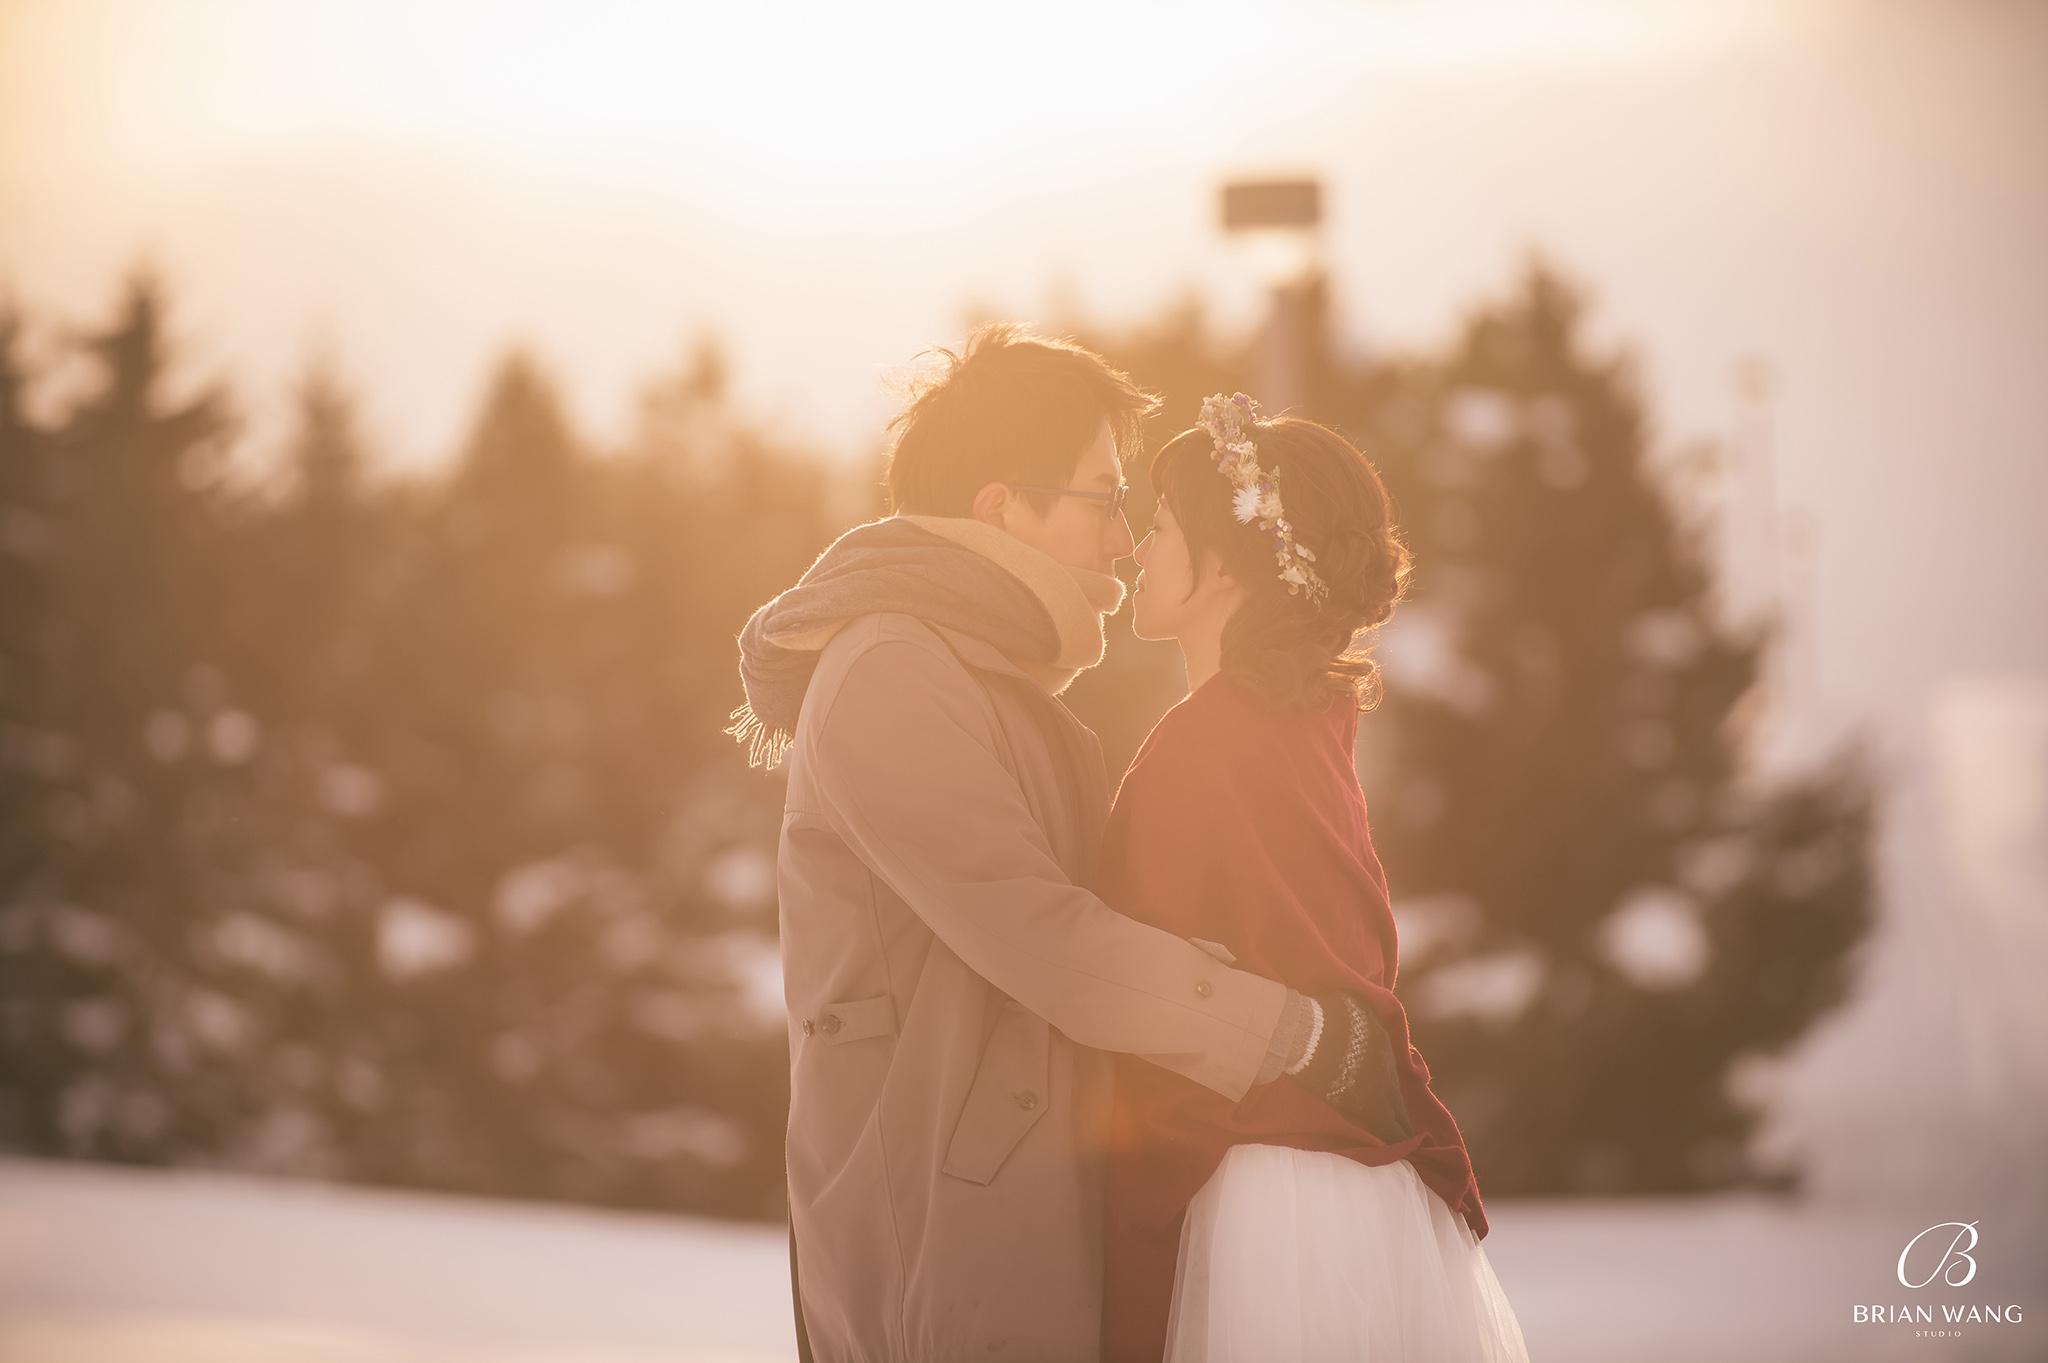 '北海道自助婚紗,北海道婚紗攝影,北海道雪景婚紗,海外婚紗價格,雪景婚紗,拍和服,北海道海外婚紗費用,伏見稻荷,札幌,2048BWS_7341'